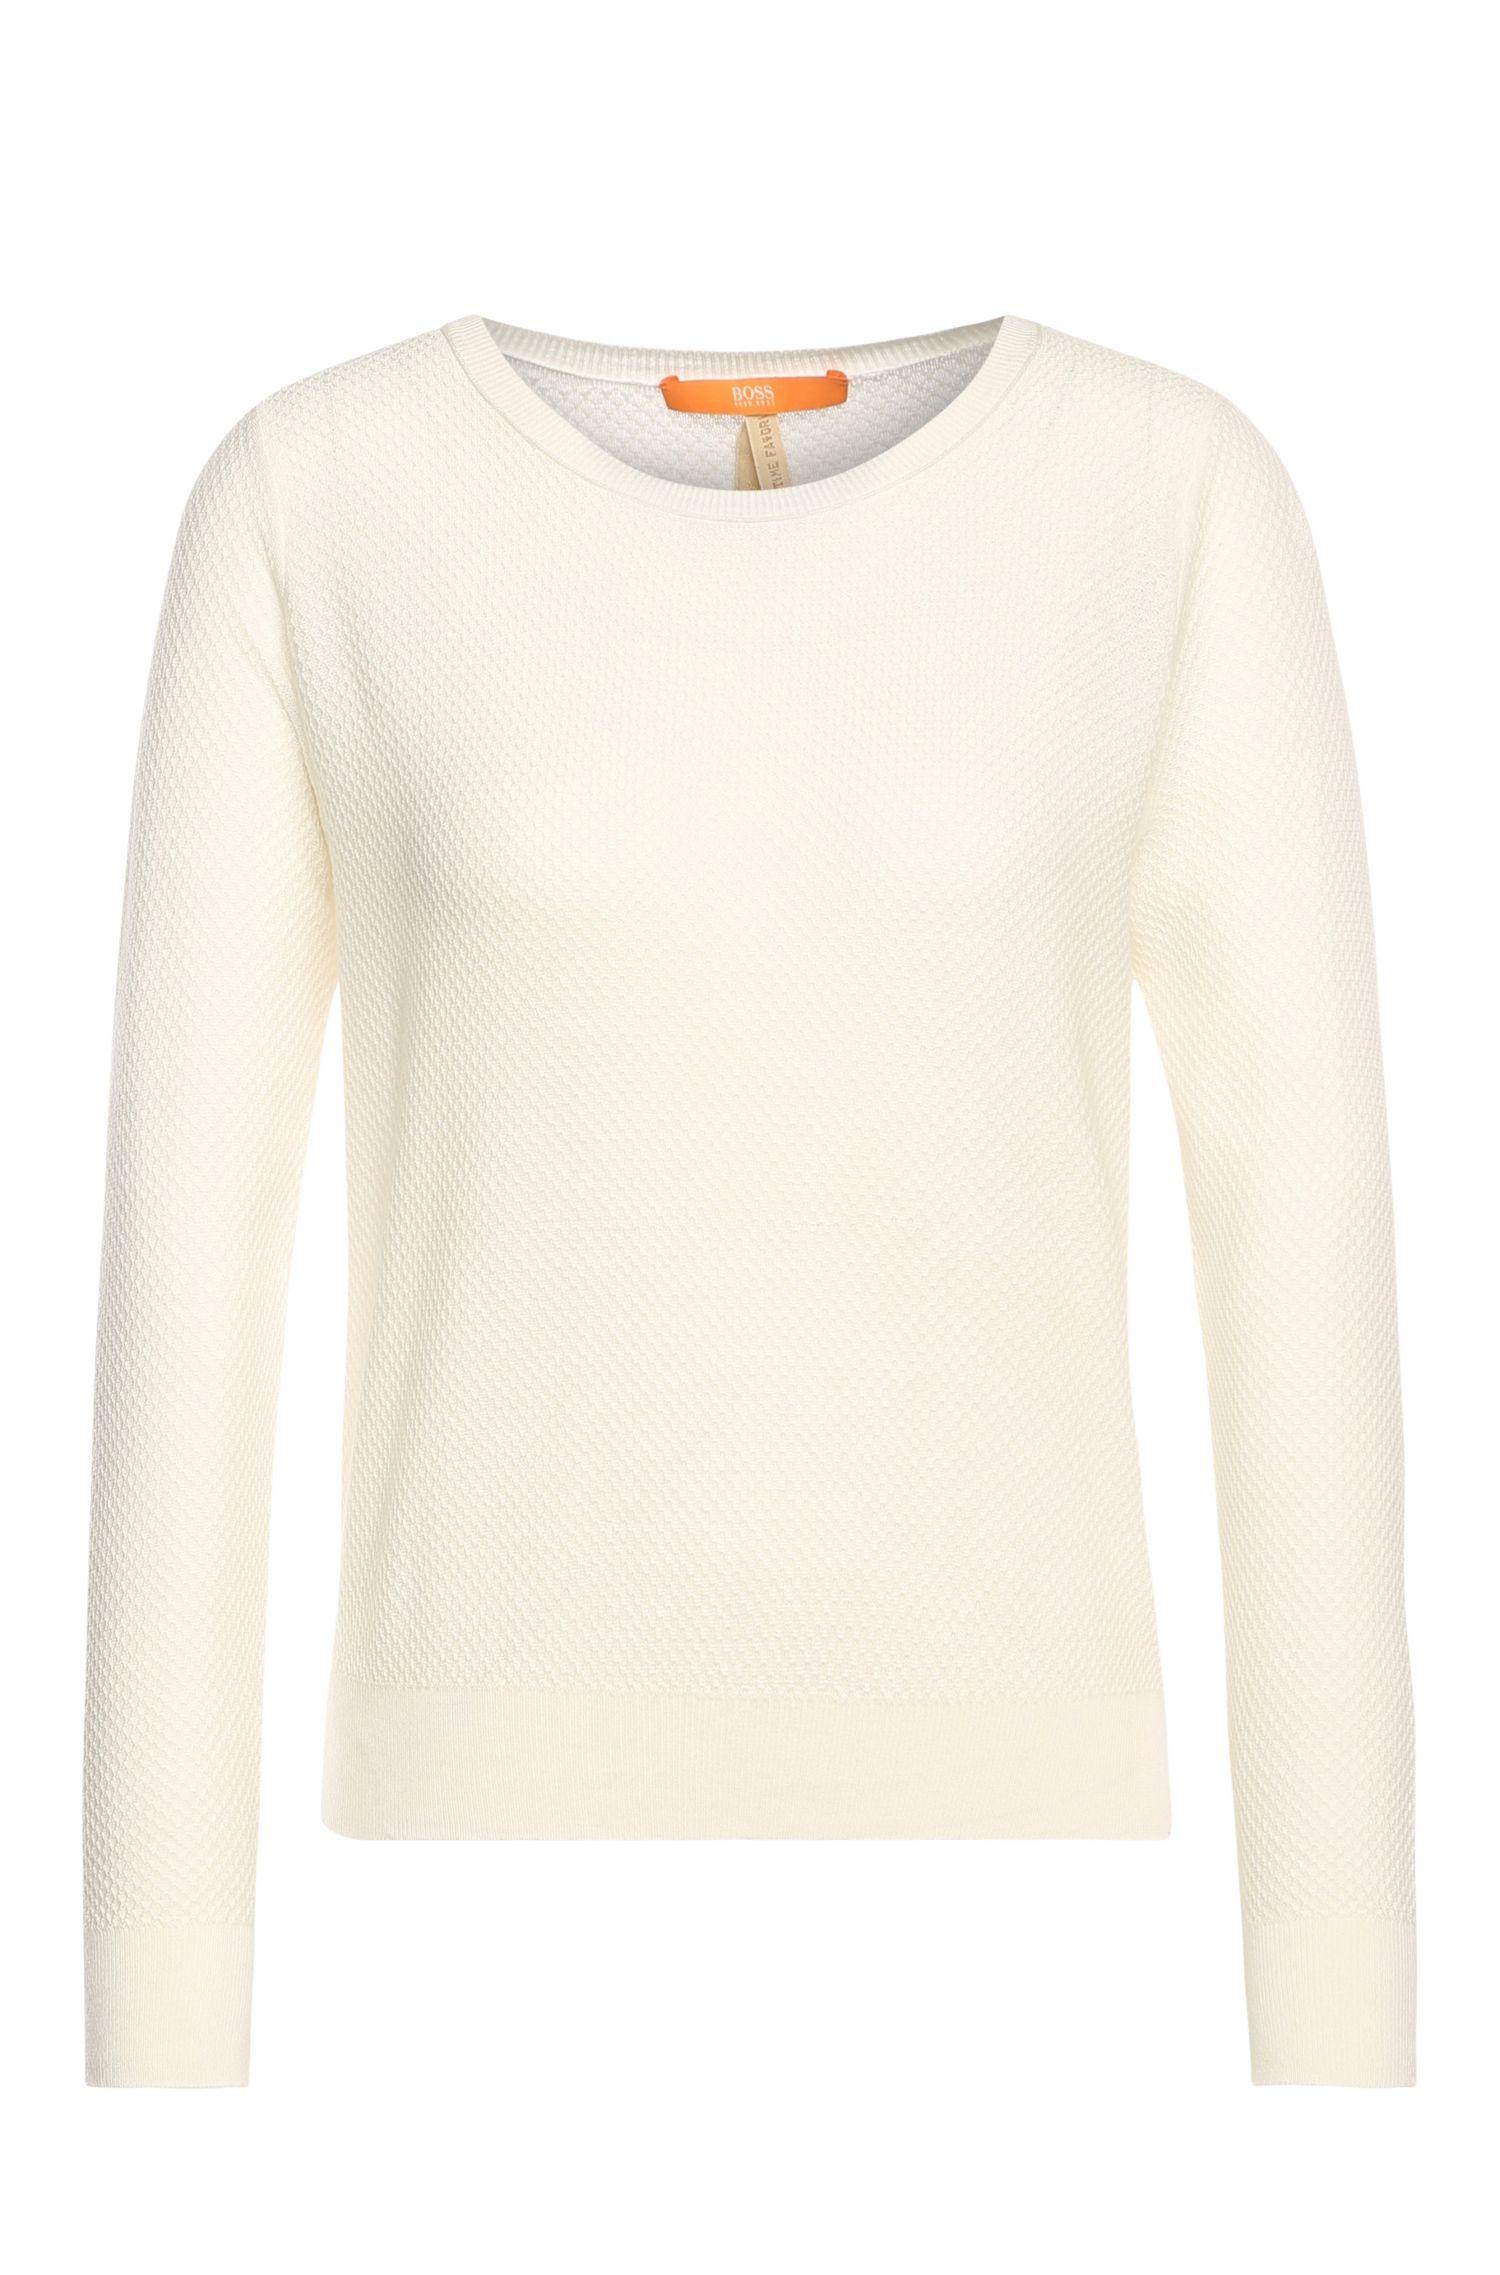 Pullover aus Baumwoll-Mix in Strukturstrick: ´Injkey`